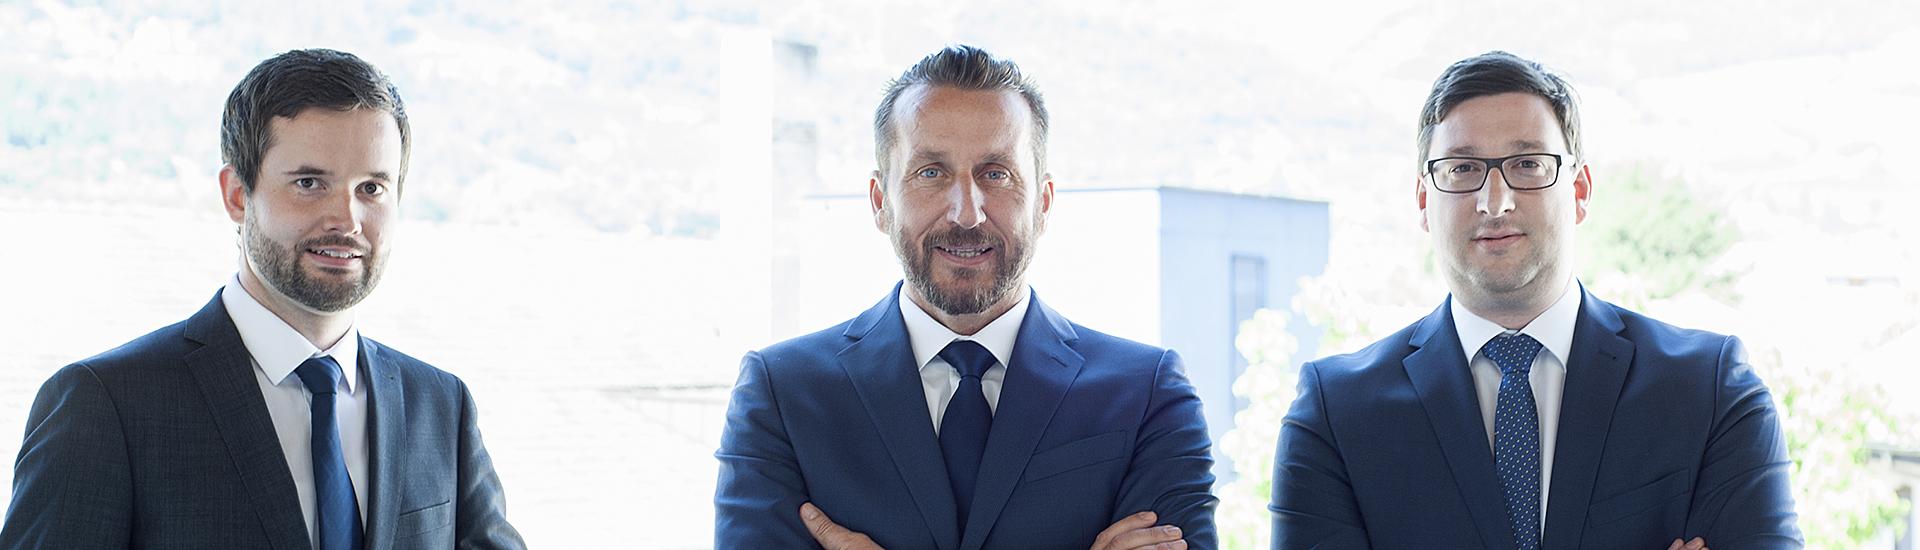 Kanzlei Dr. Reinhold Kofler - Unser Team